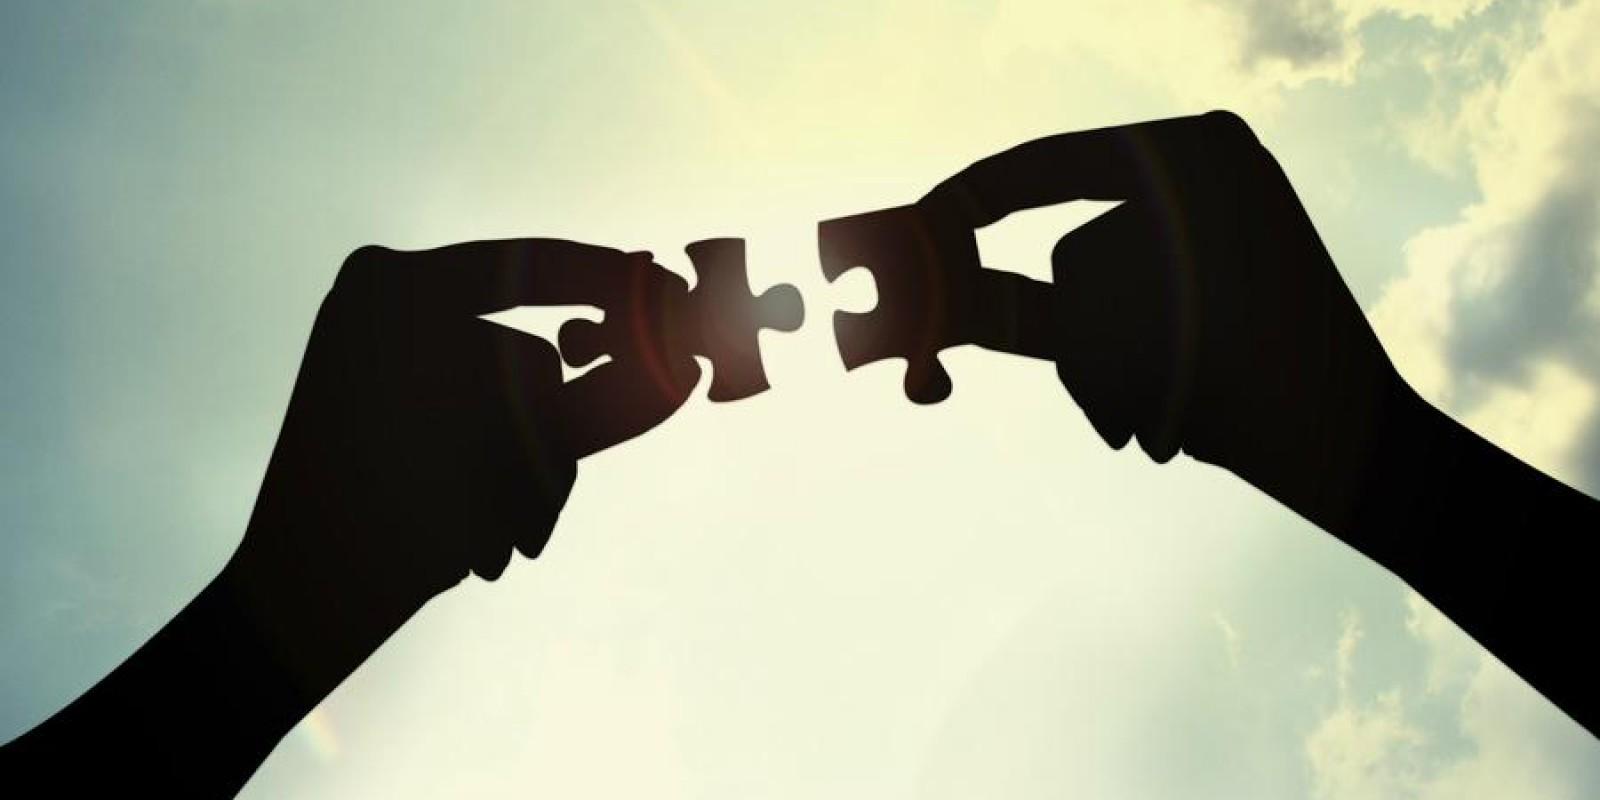 Crescimento x Qualidade: fatores que precisam andar lado a lado